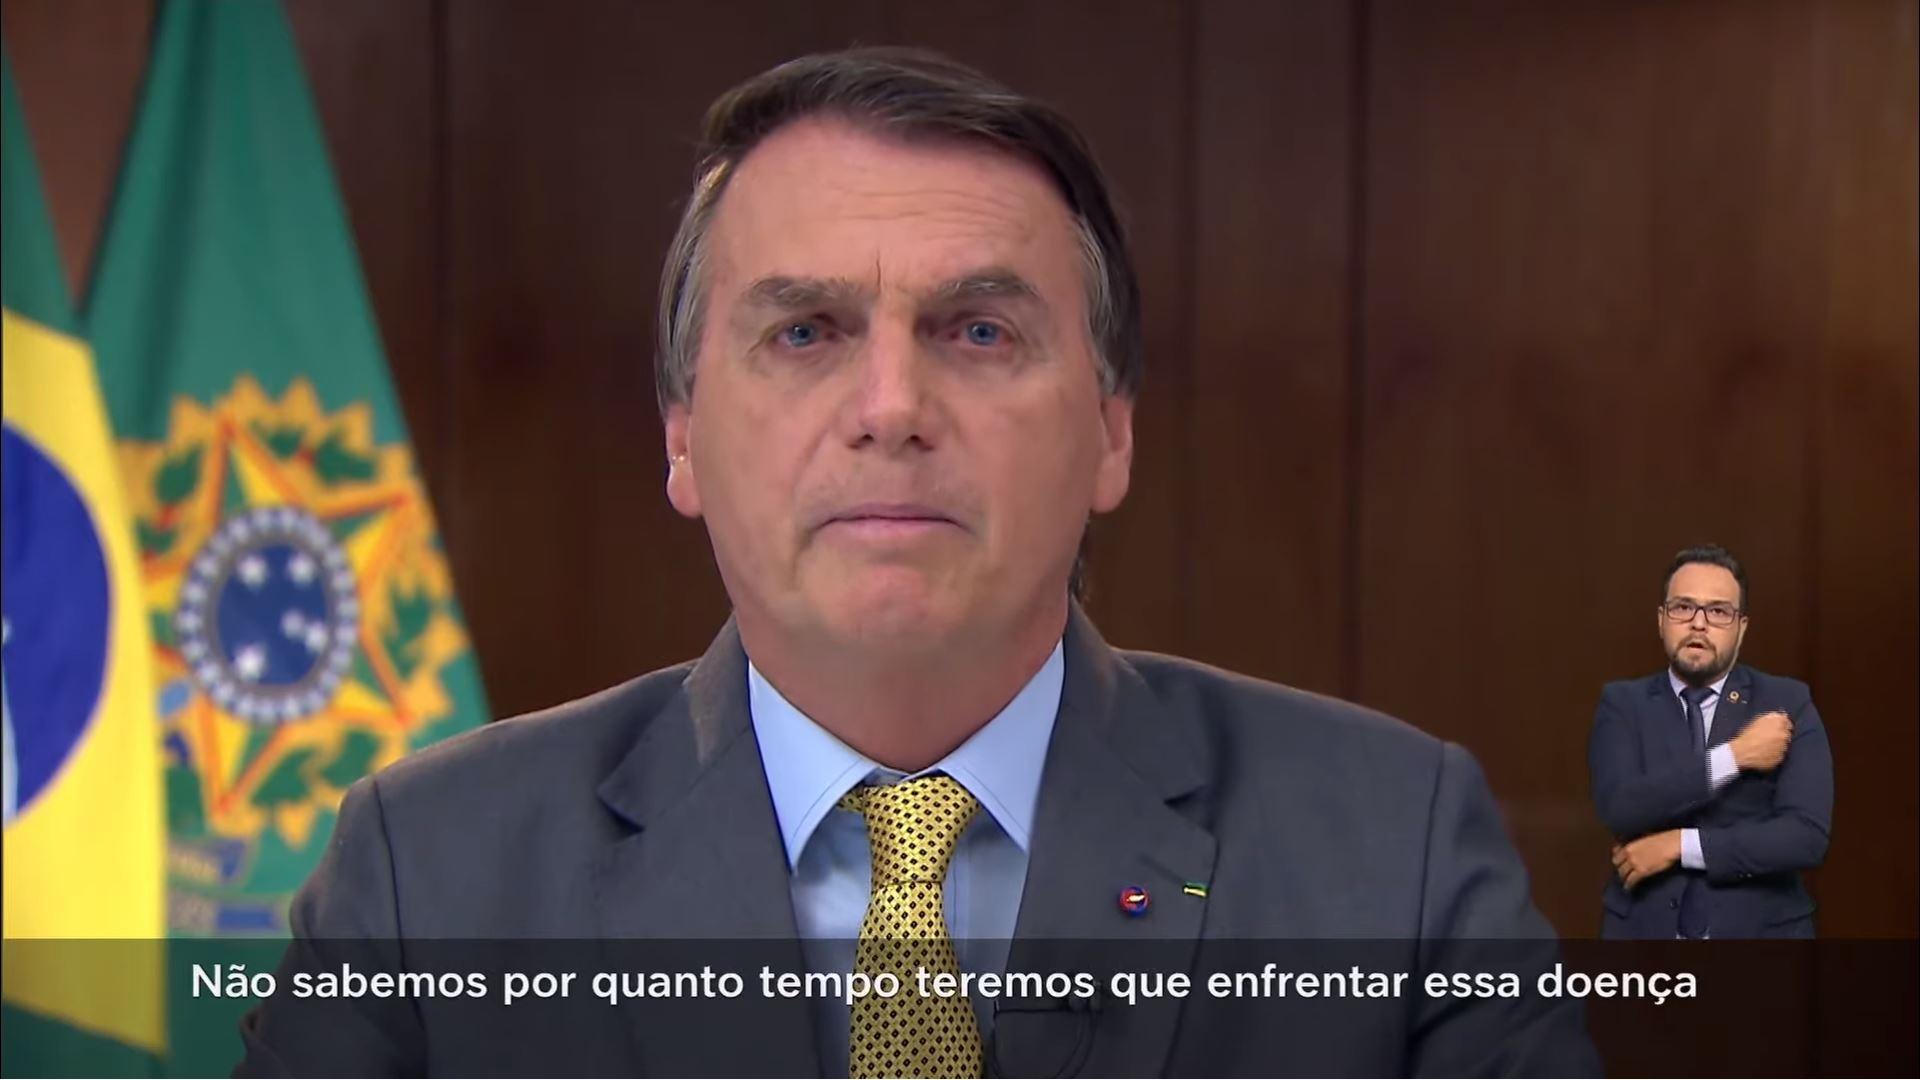 IMAGEM: MP junto ao TCU quer apurar mentiras do governo Bolsonaro sobre vacinação